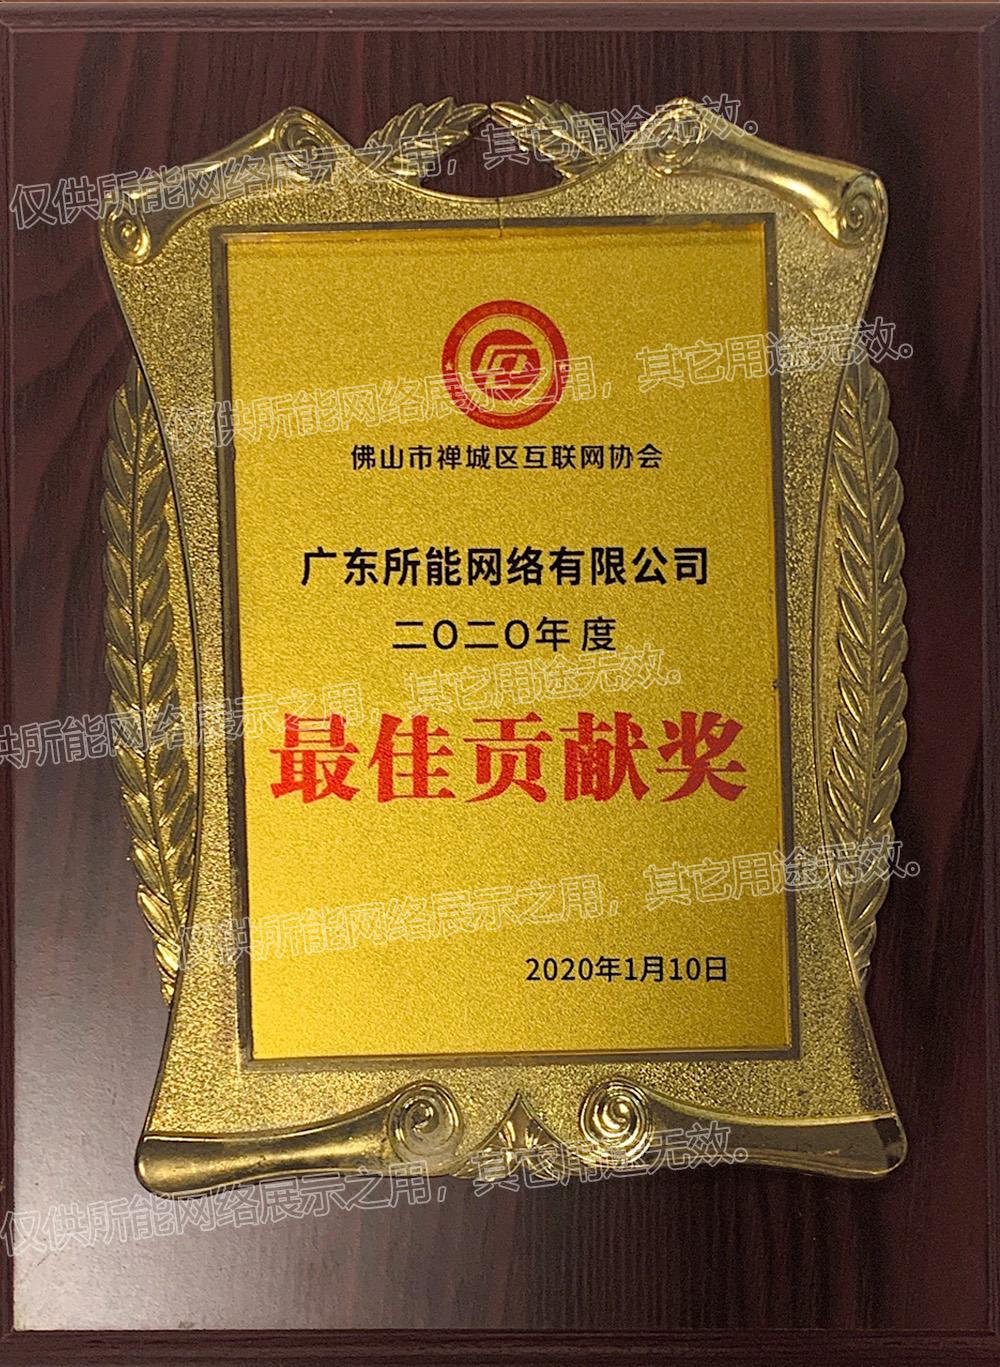 佛山市禅城区互联网协会《最佳贡献奖》